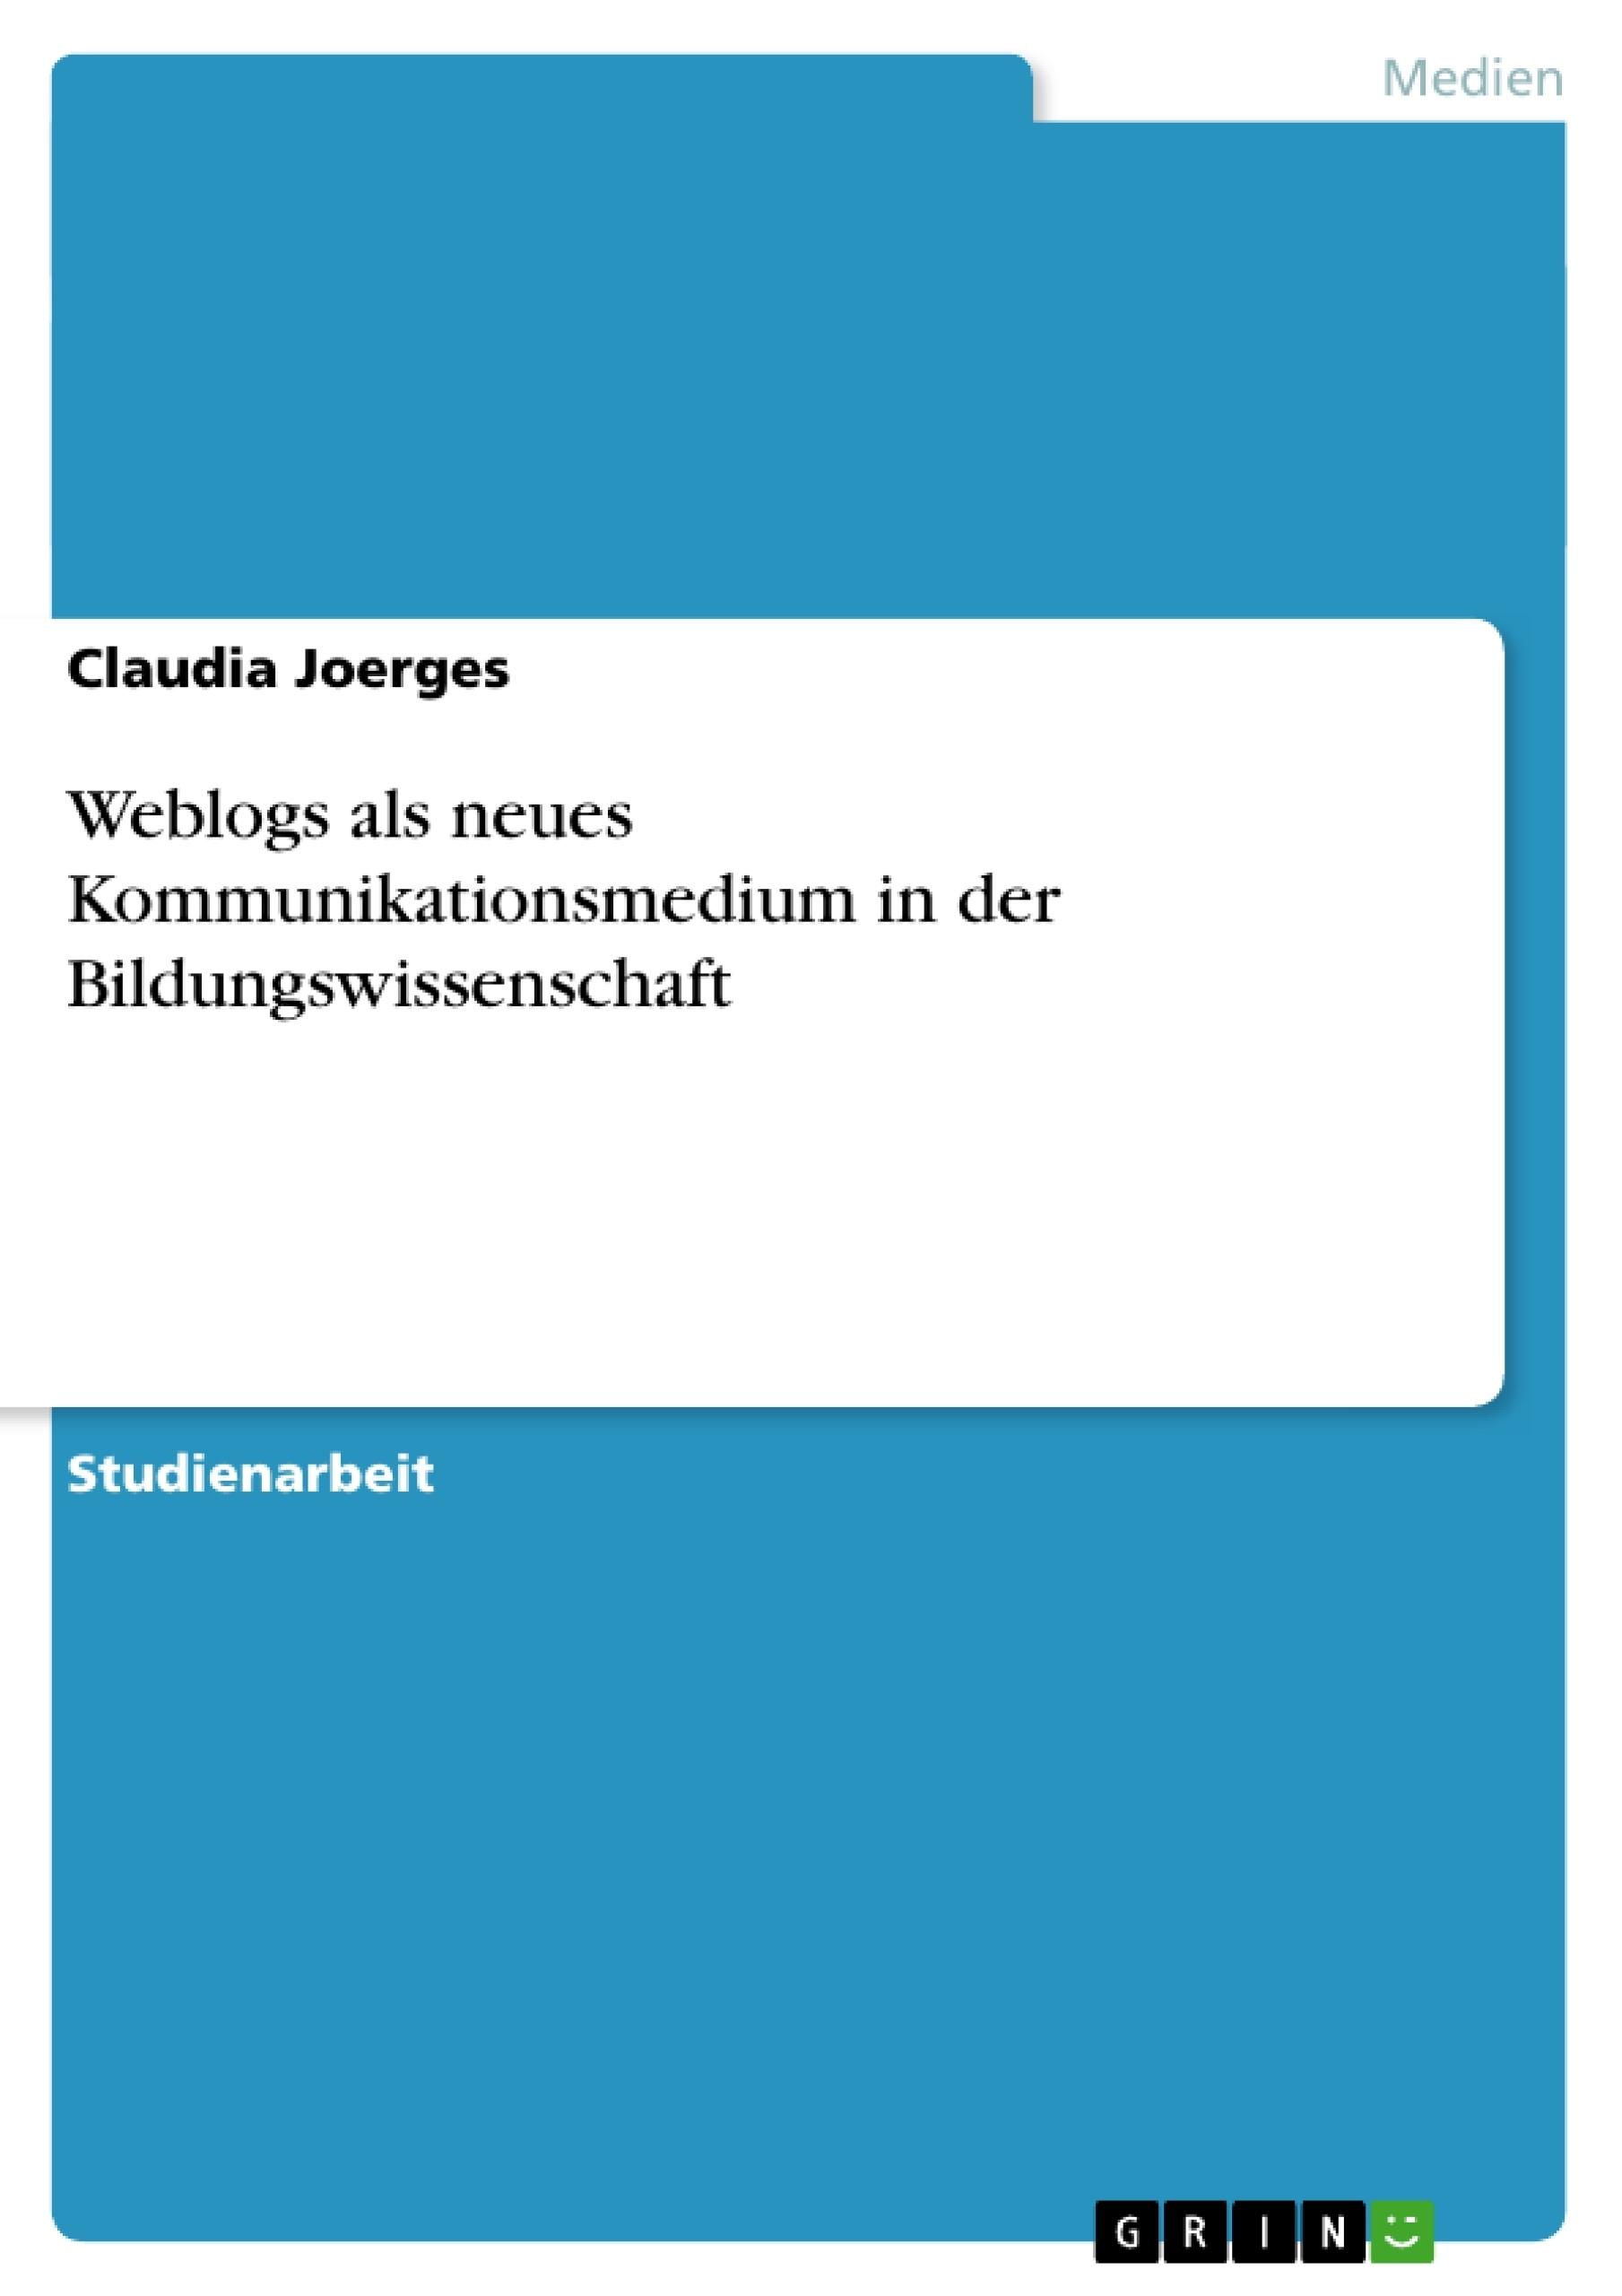 Titel: Weblogs als neues Kommunikationsmedium in der Bildungswissenschaft